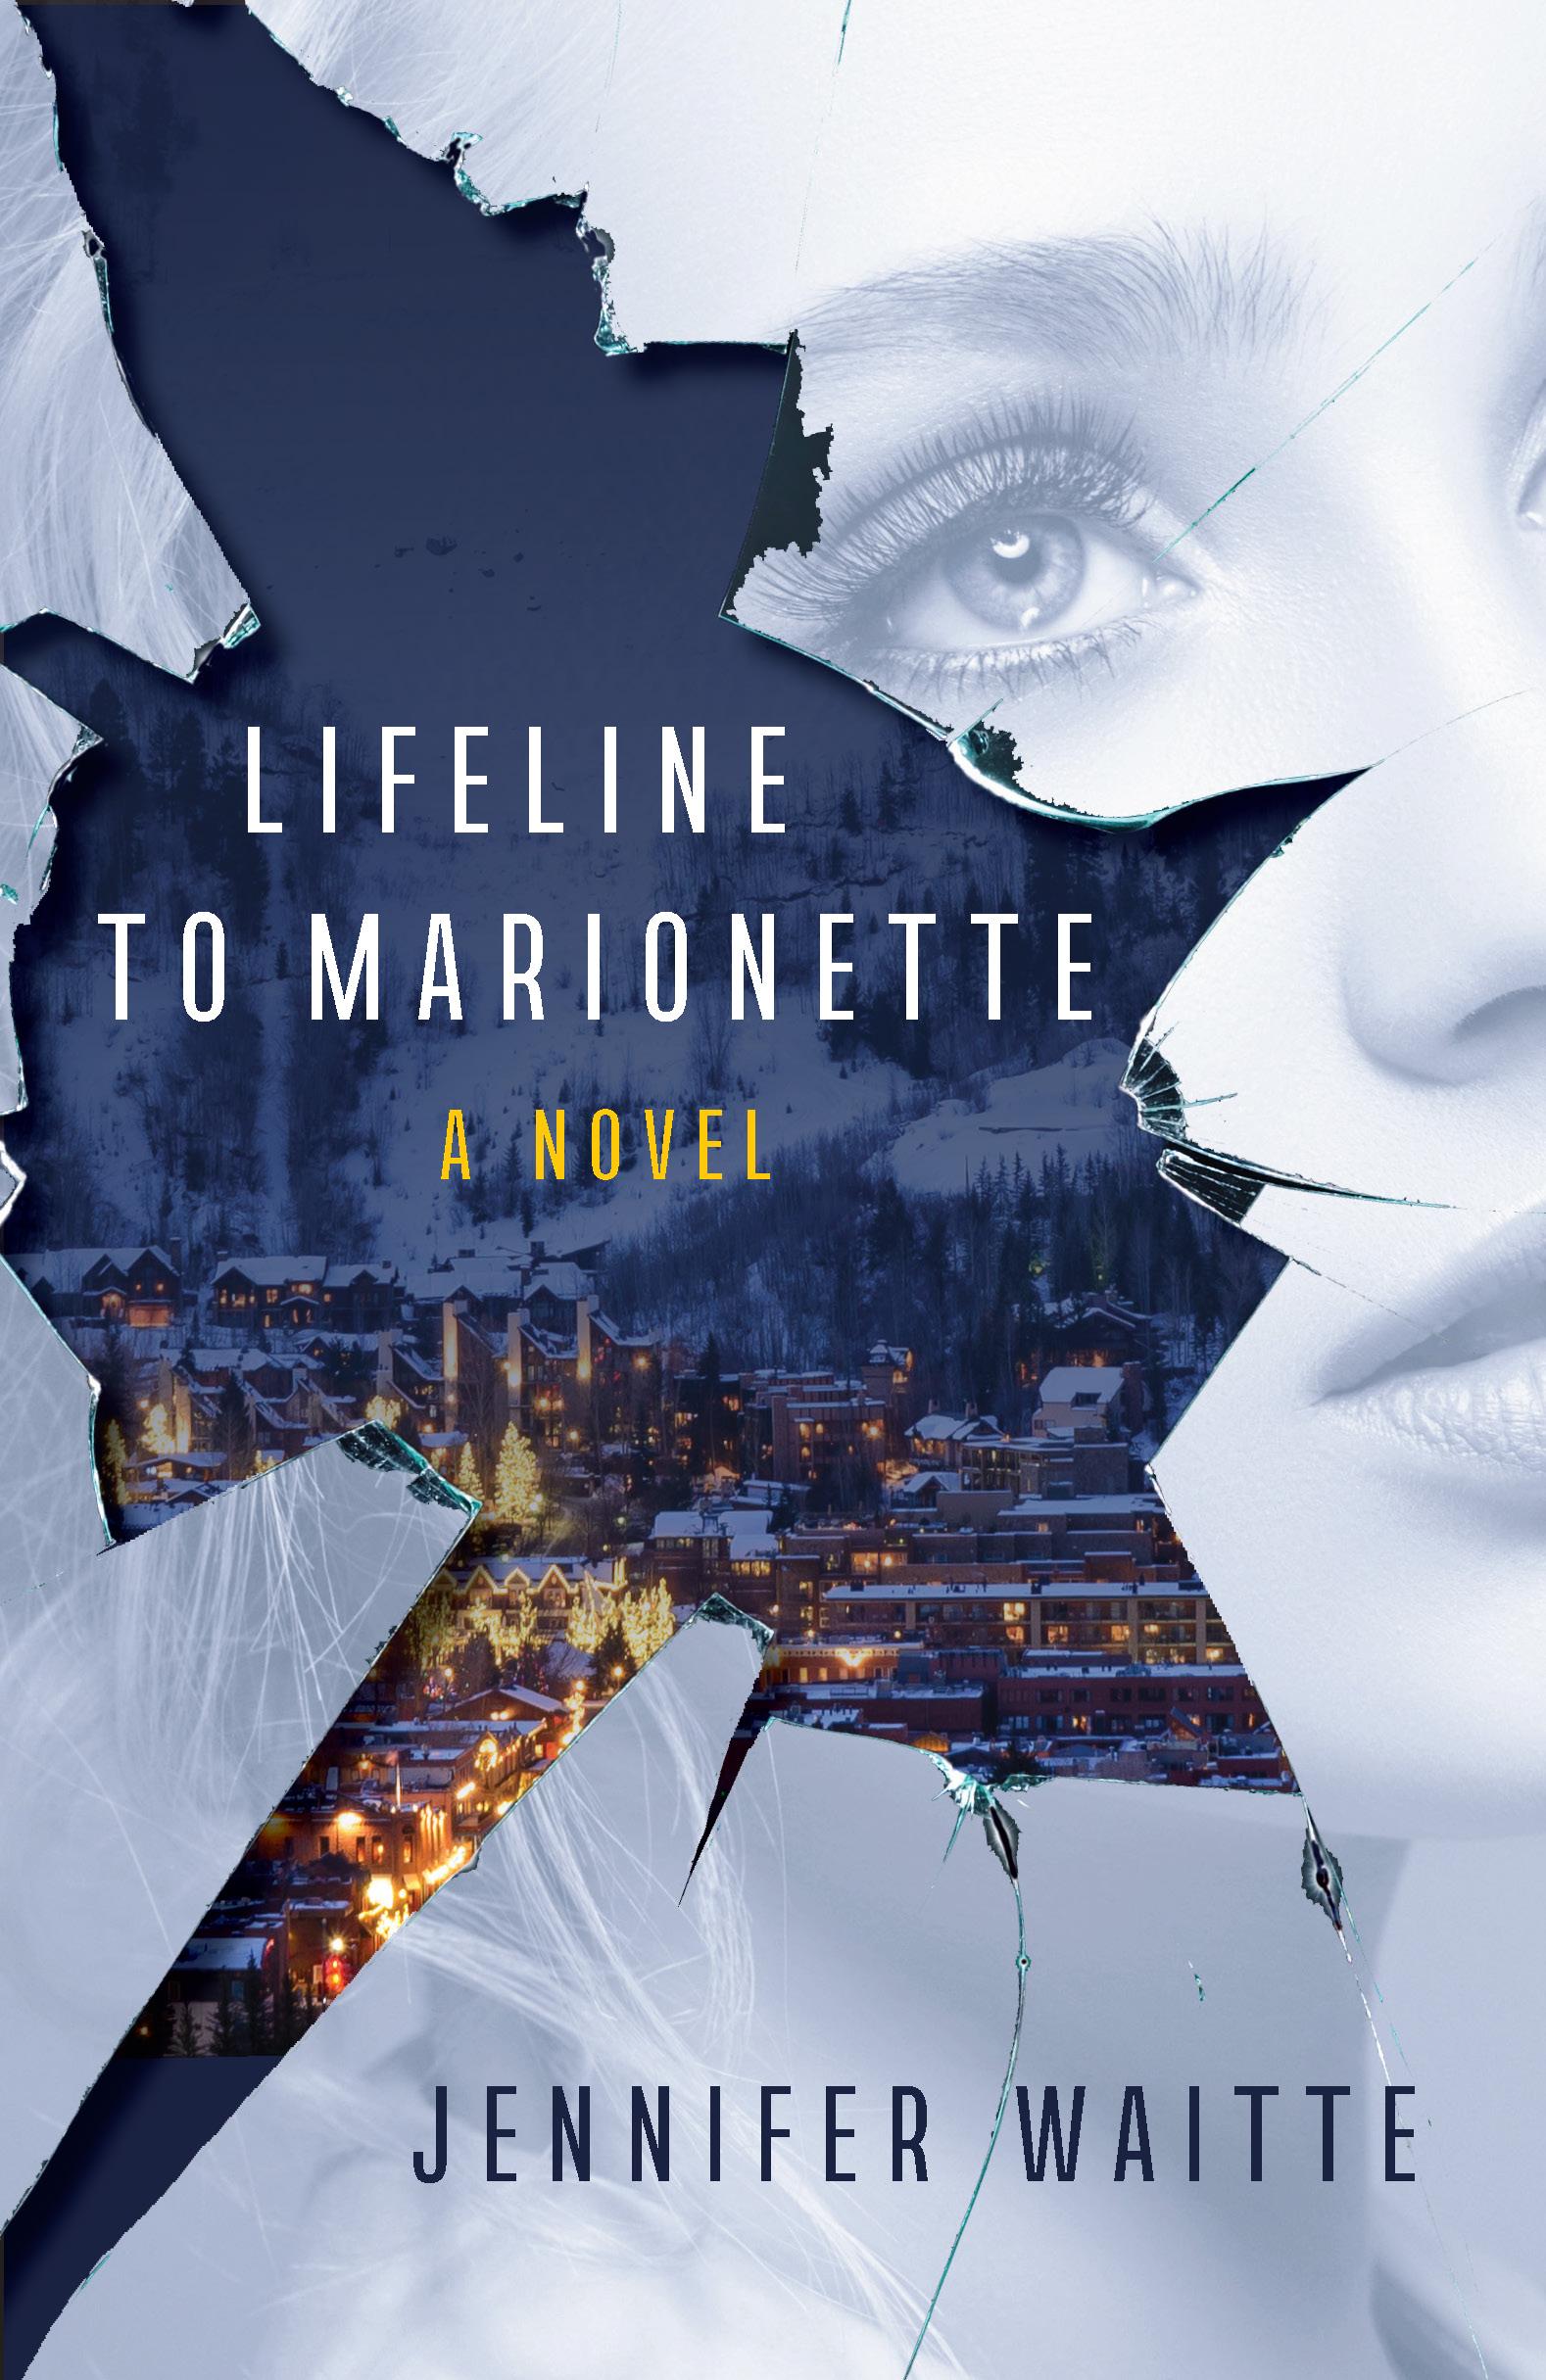 Lifetime to Marionette Novel